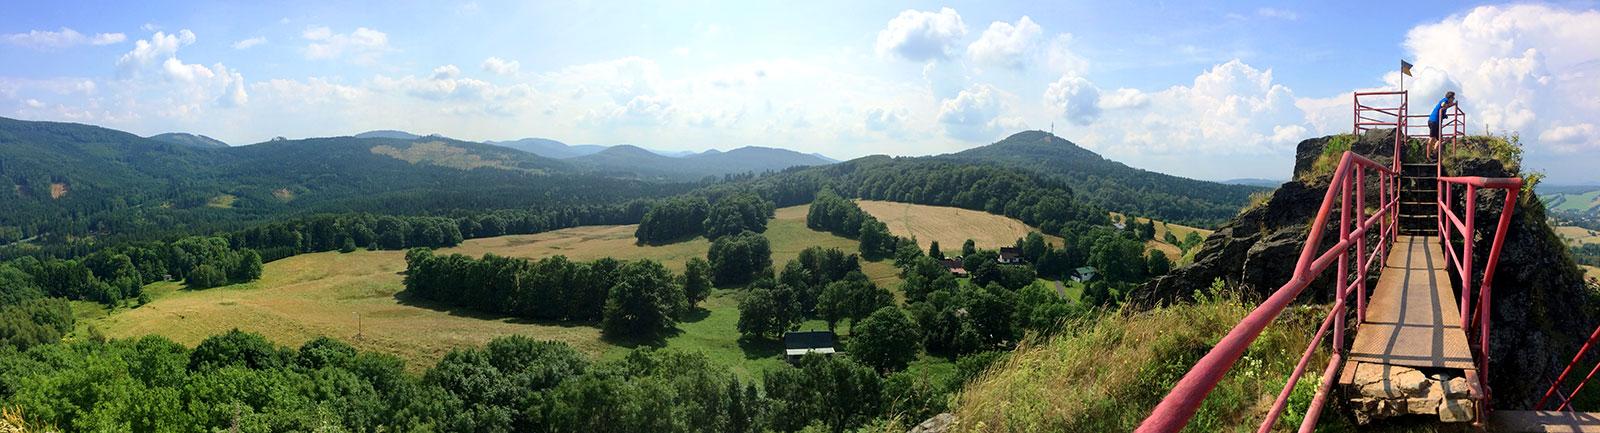 Auf dem Tolštejn begegnen uns die Reste aus fast 700-jähriger Geschichte. Und natürlich eine wahnsinnig schöne Aussicht ins Lausitzer Gebirge und auch den nächsten Gipfel: den Jedlová.